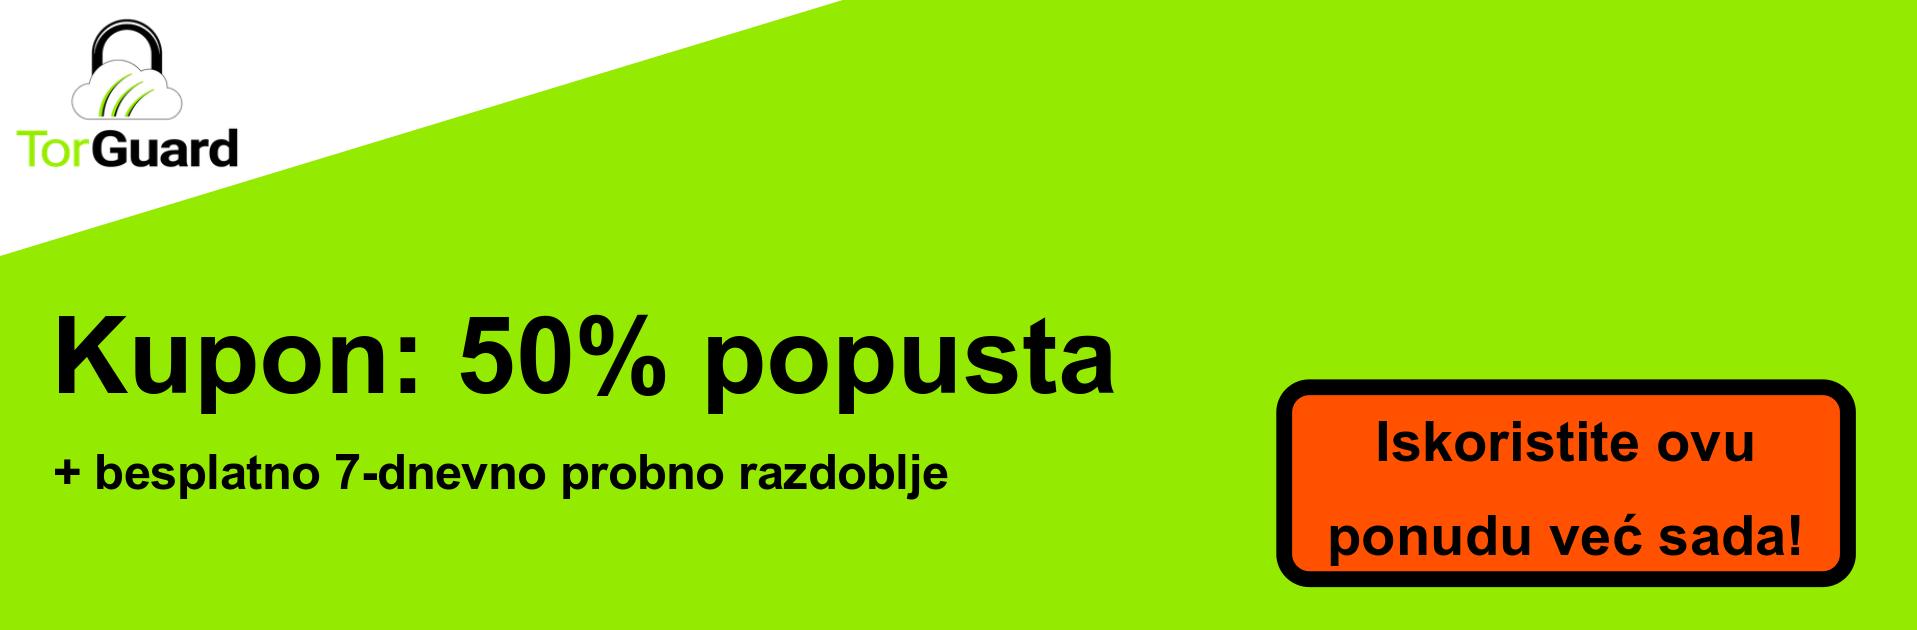 TorGuard VPN banner kupona - 50% popusta